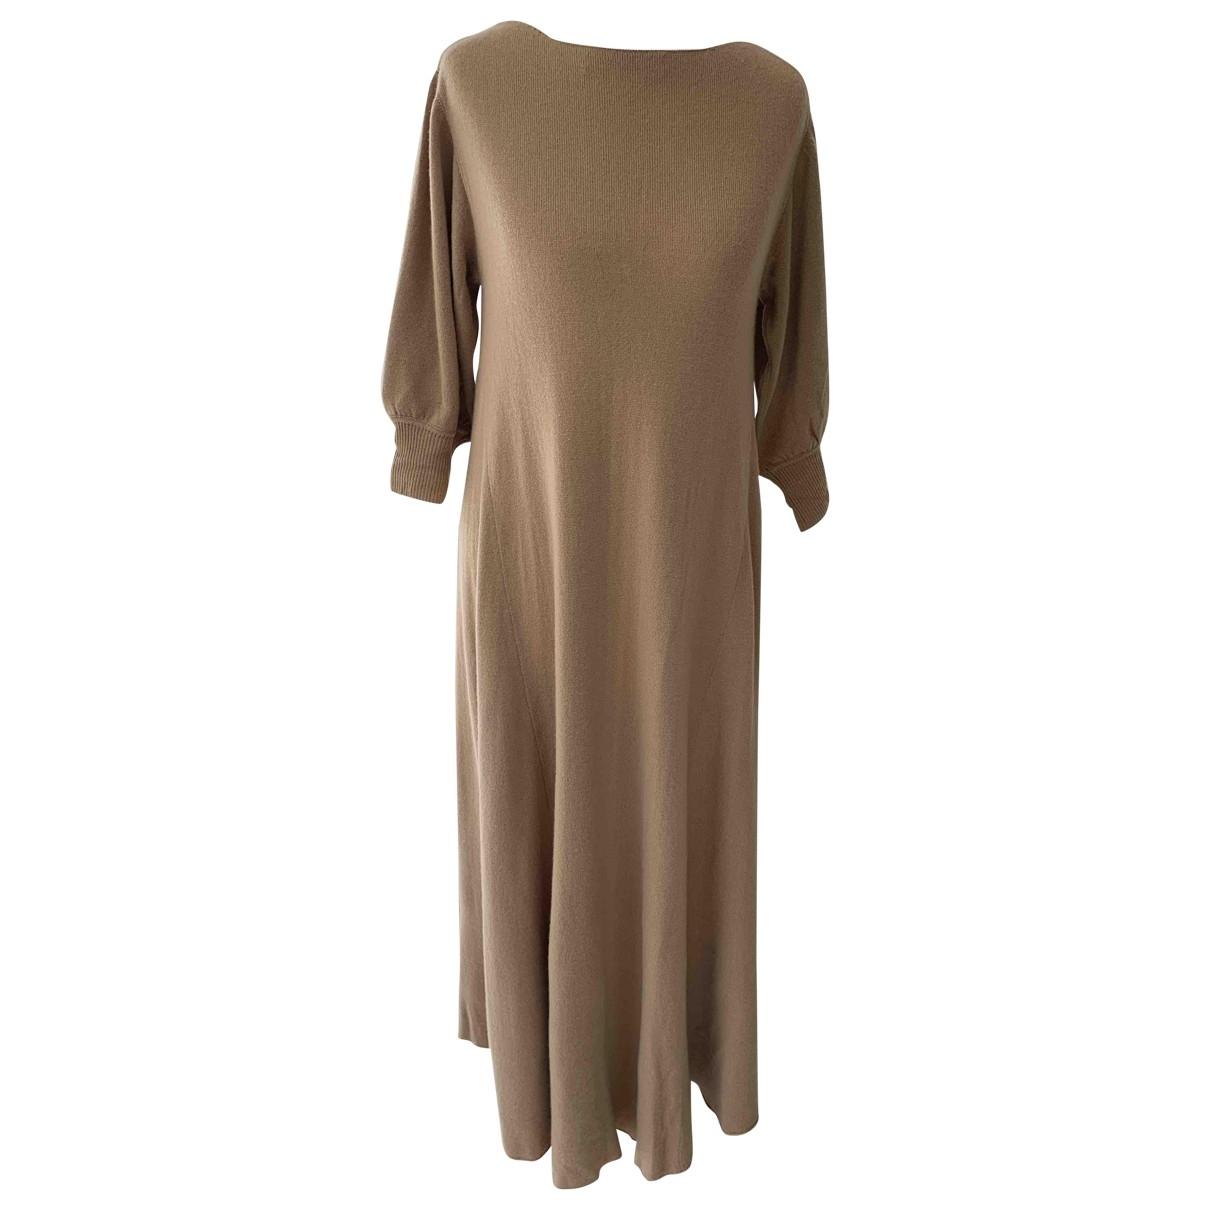 Ryan Roche \N Kleid in  Beige Kaschmir